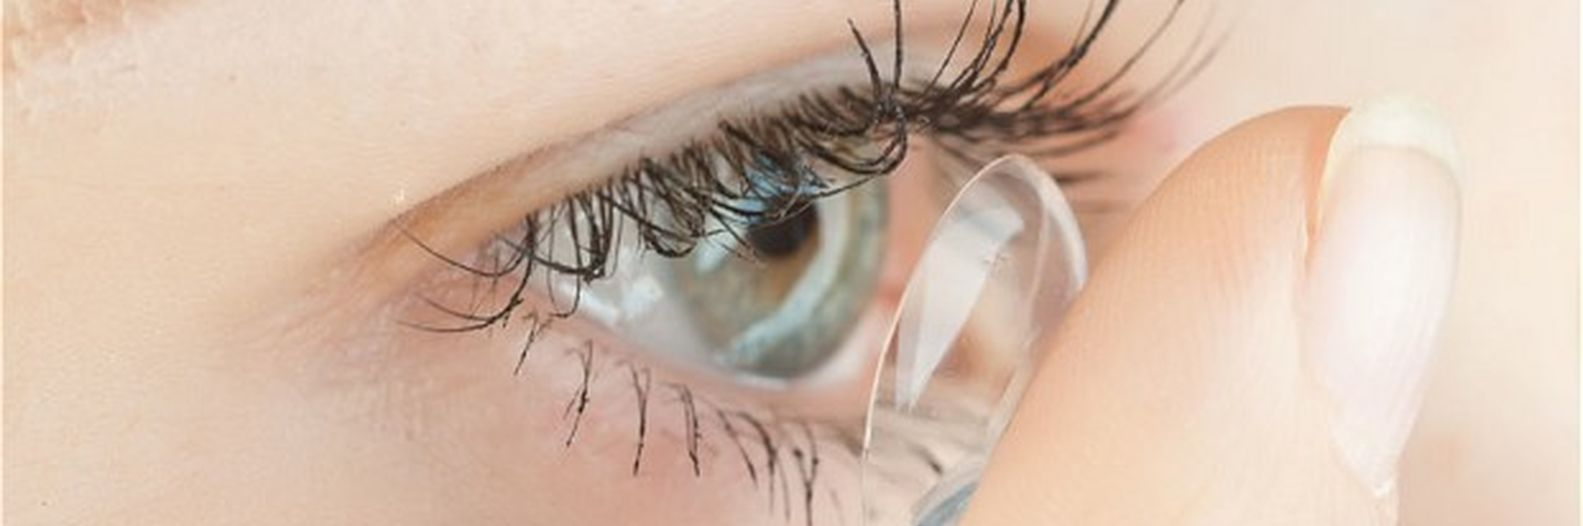 Une vie plus agréable avec les lentilles